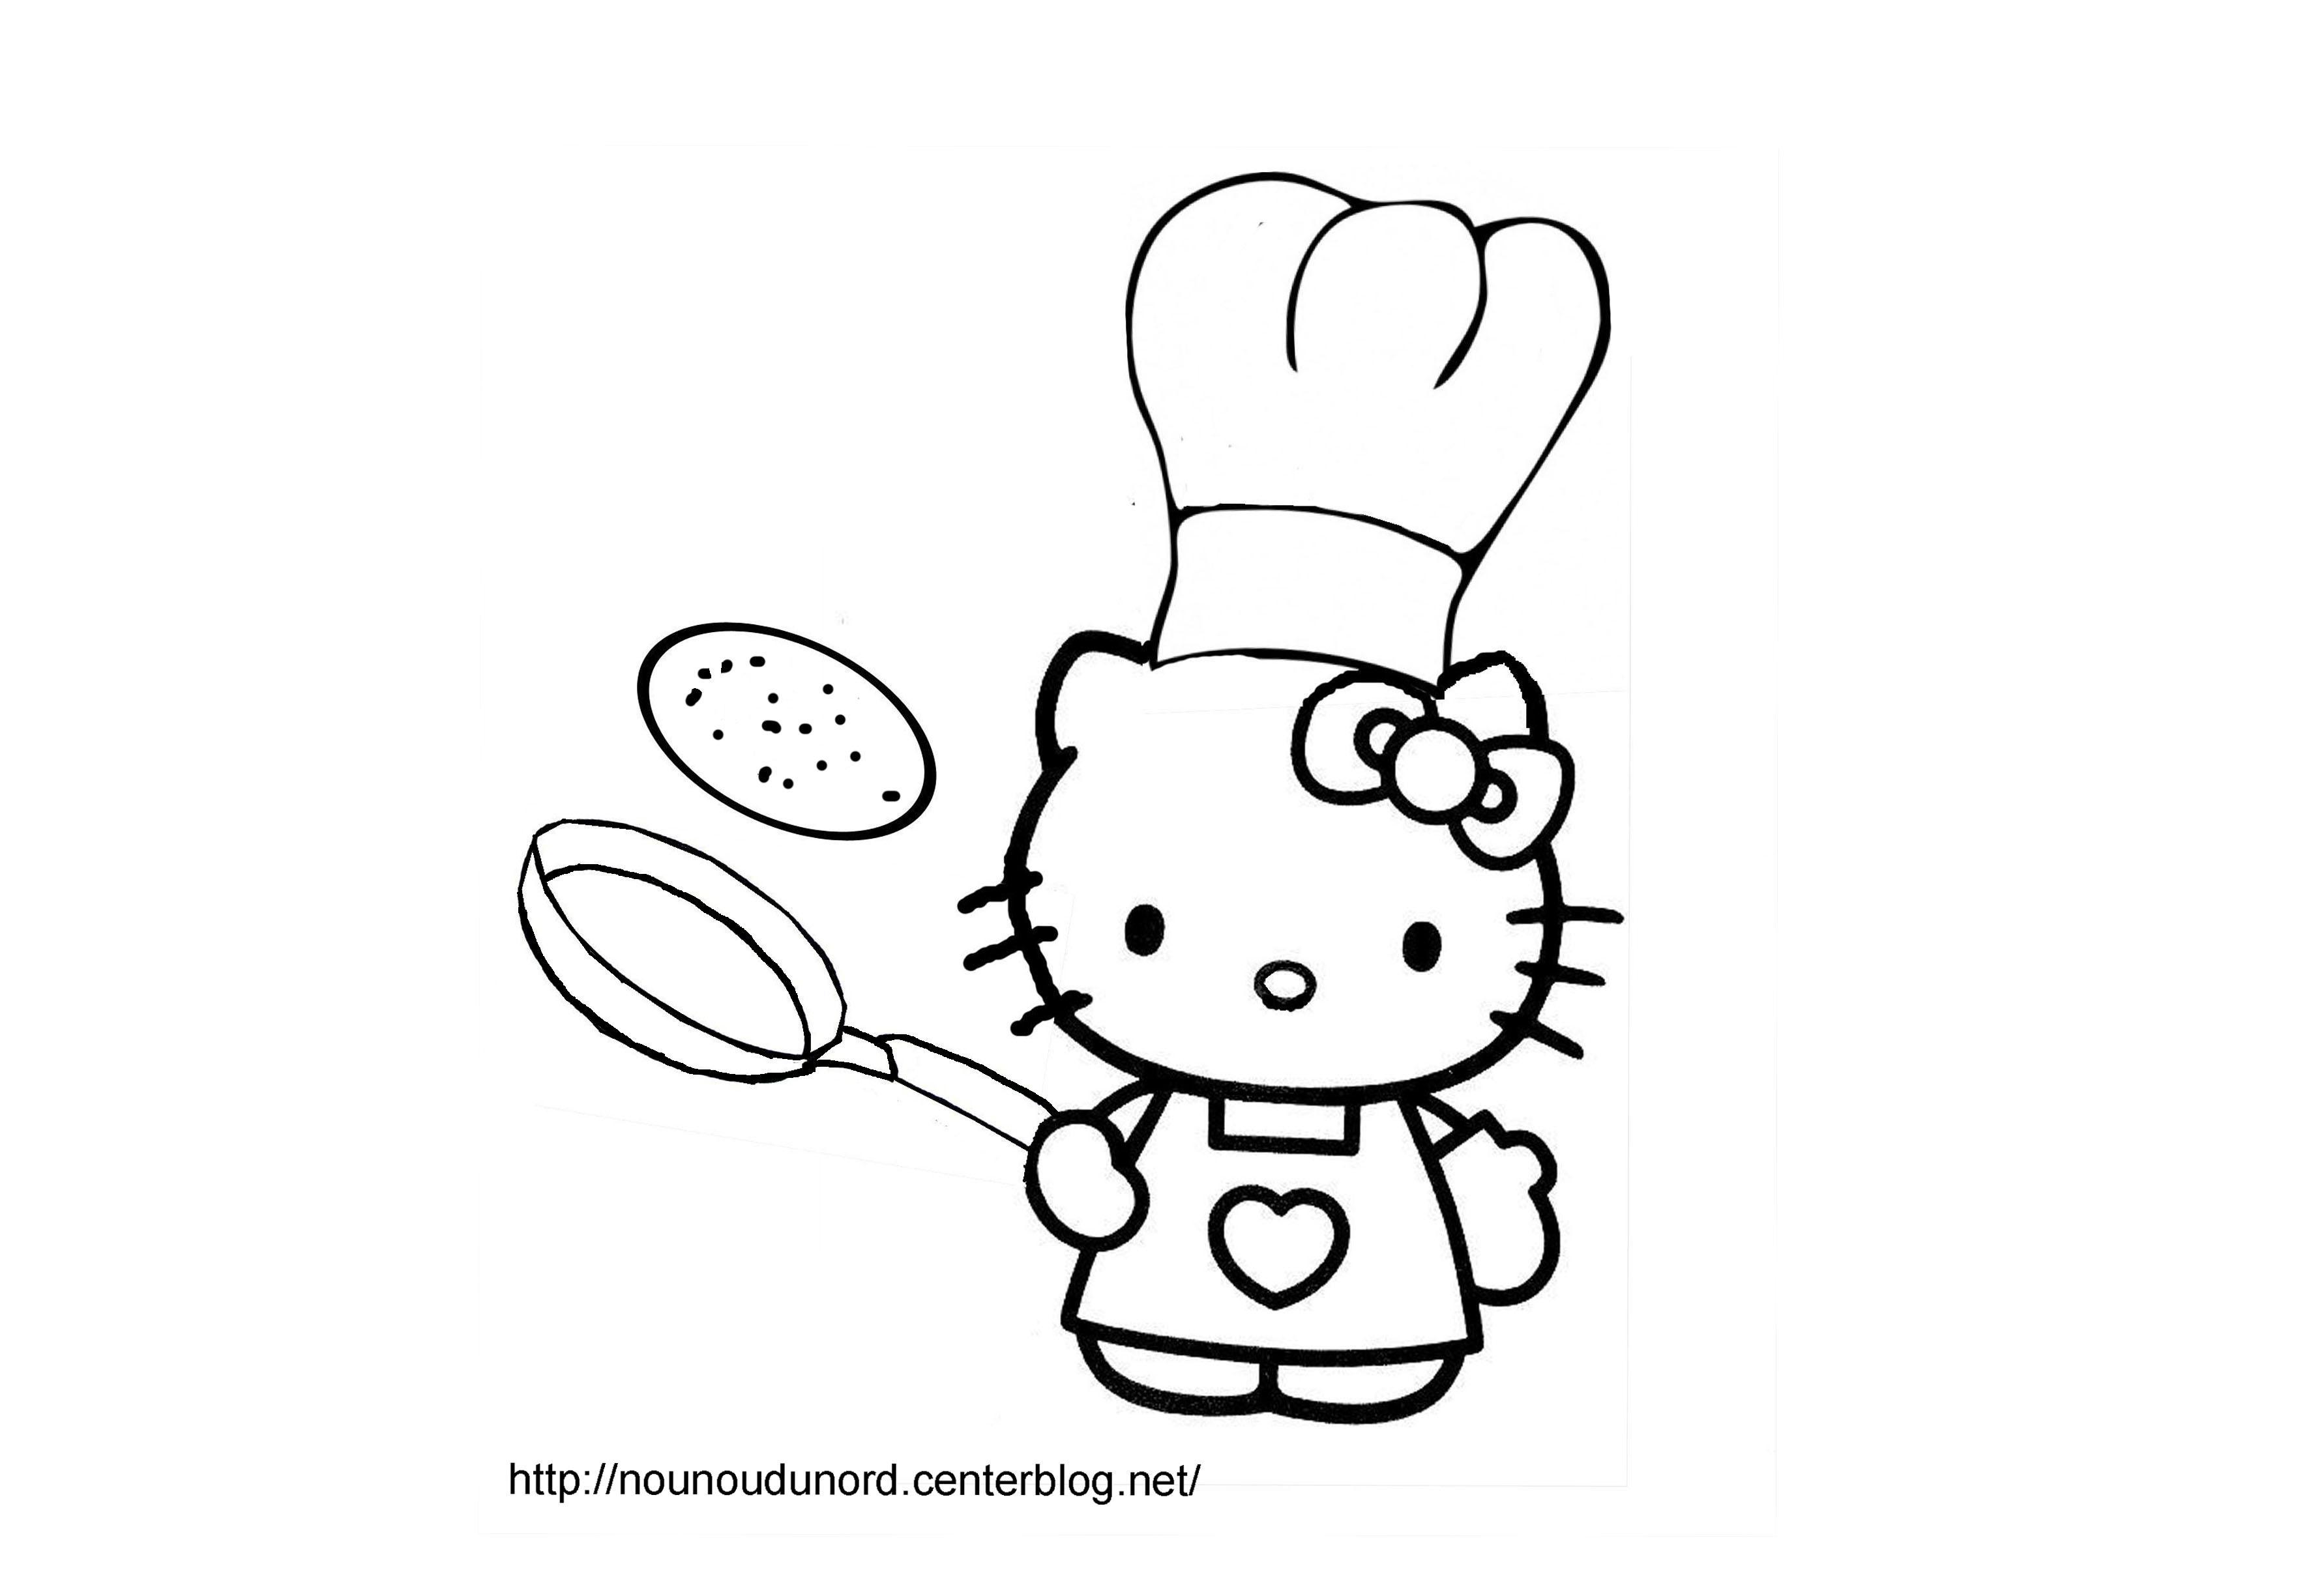 147 Dibujos De Hello Kitty Para Colorear | Oh Kids | Page 6 intérieur Dessin A Imprimer Hello Kitty